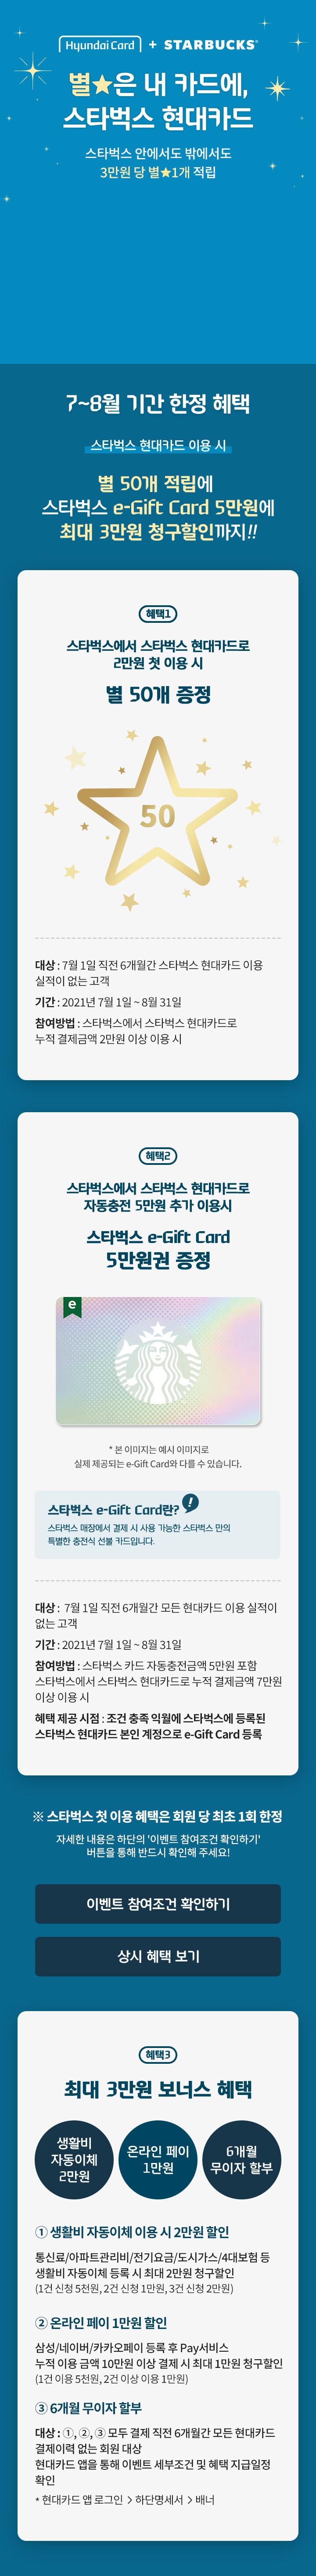 별은 내 카드에, 스타벅스 현대카드